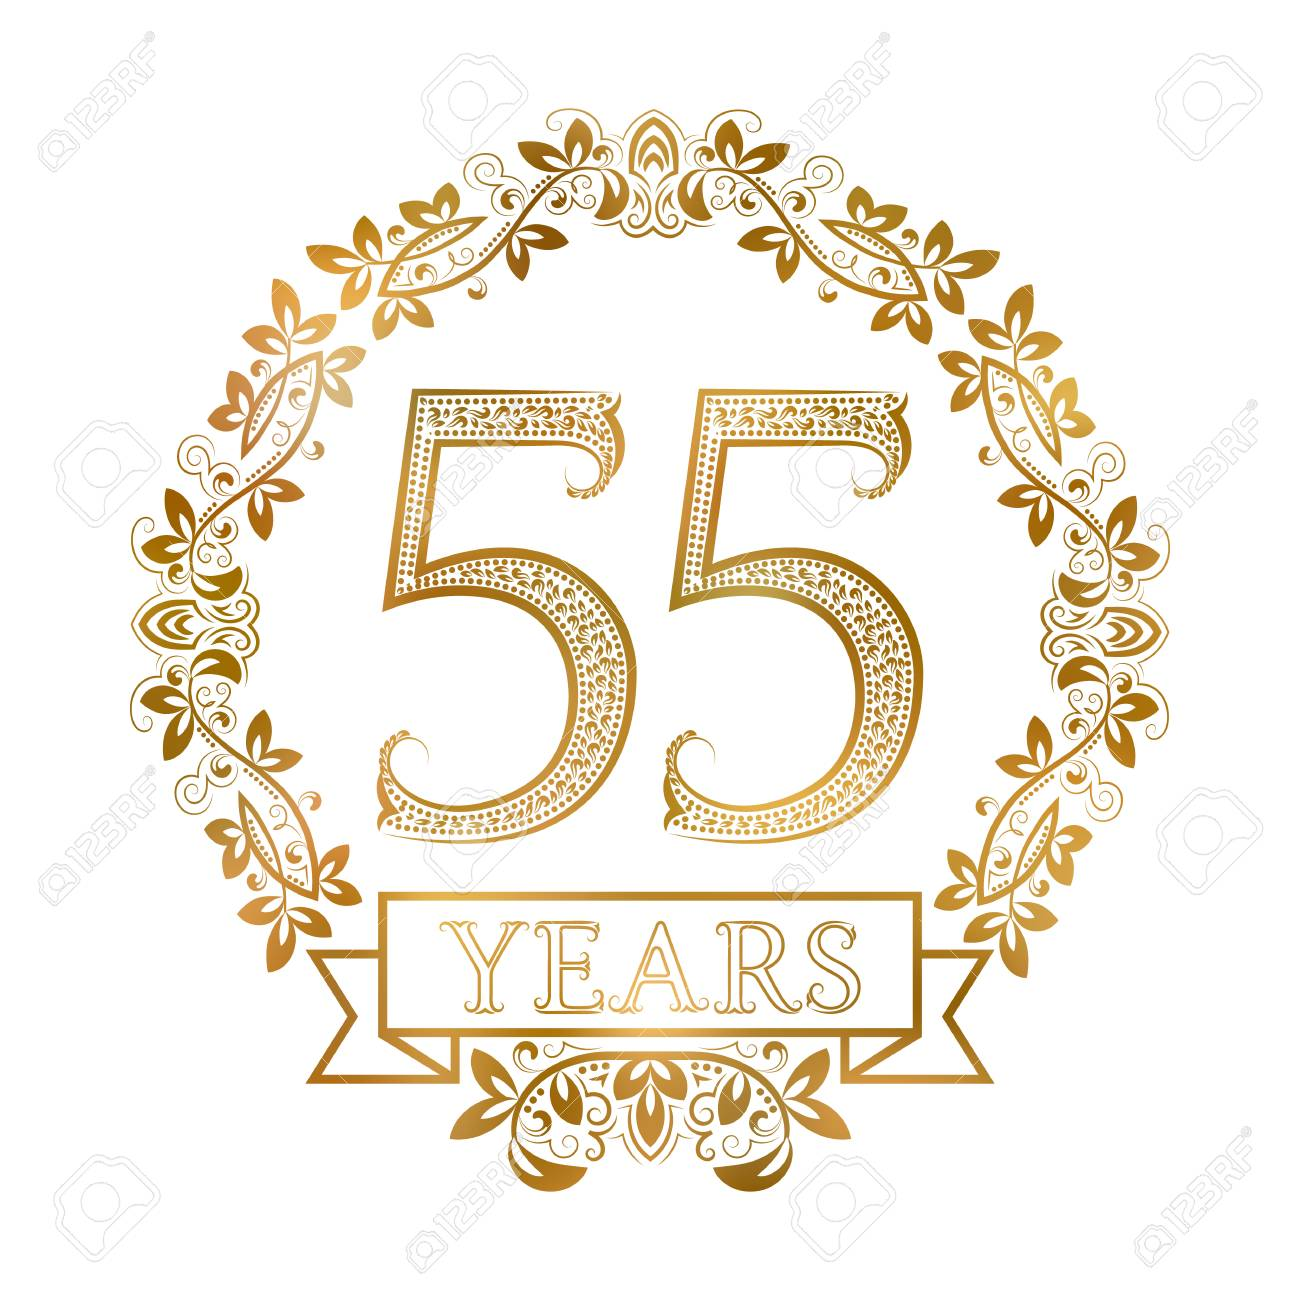 Goldene Emblem Von Der 55.-jährigen Jubiläum Im Vintage-Stil. Lizenzfrei Nutzbare Vektorgrafiken, Clip Arts, Illustrationen. Image 68411916.